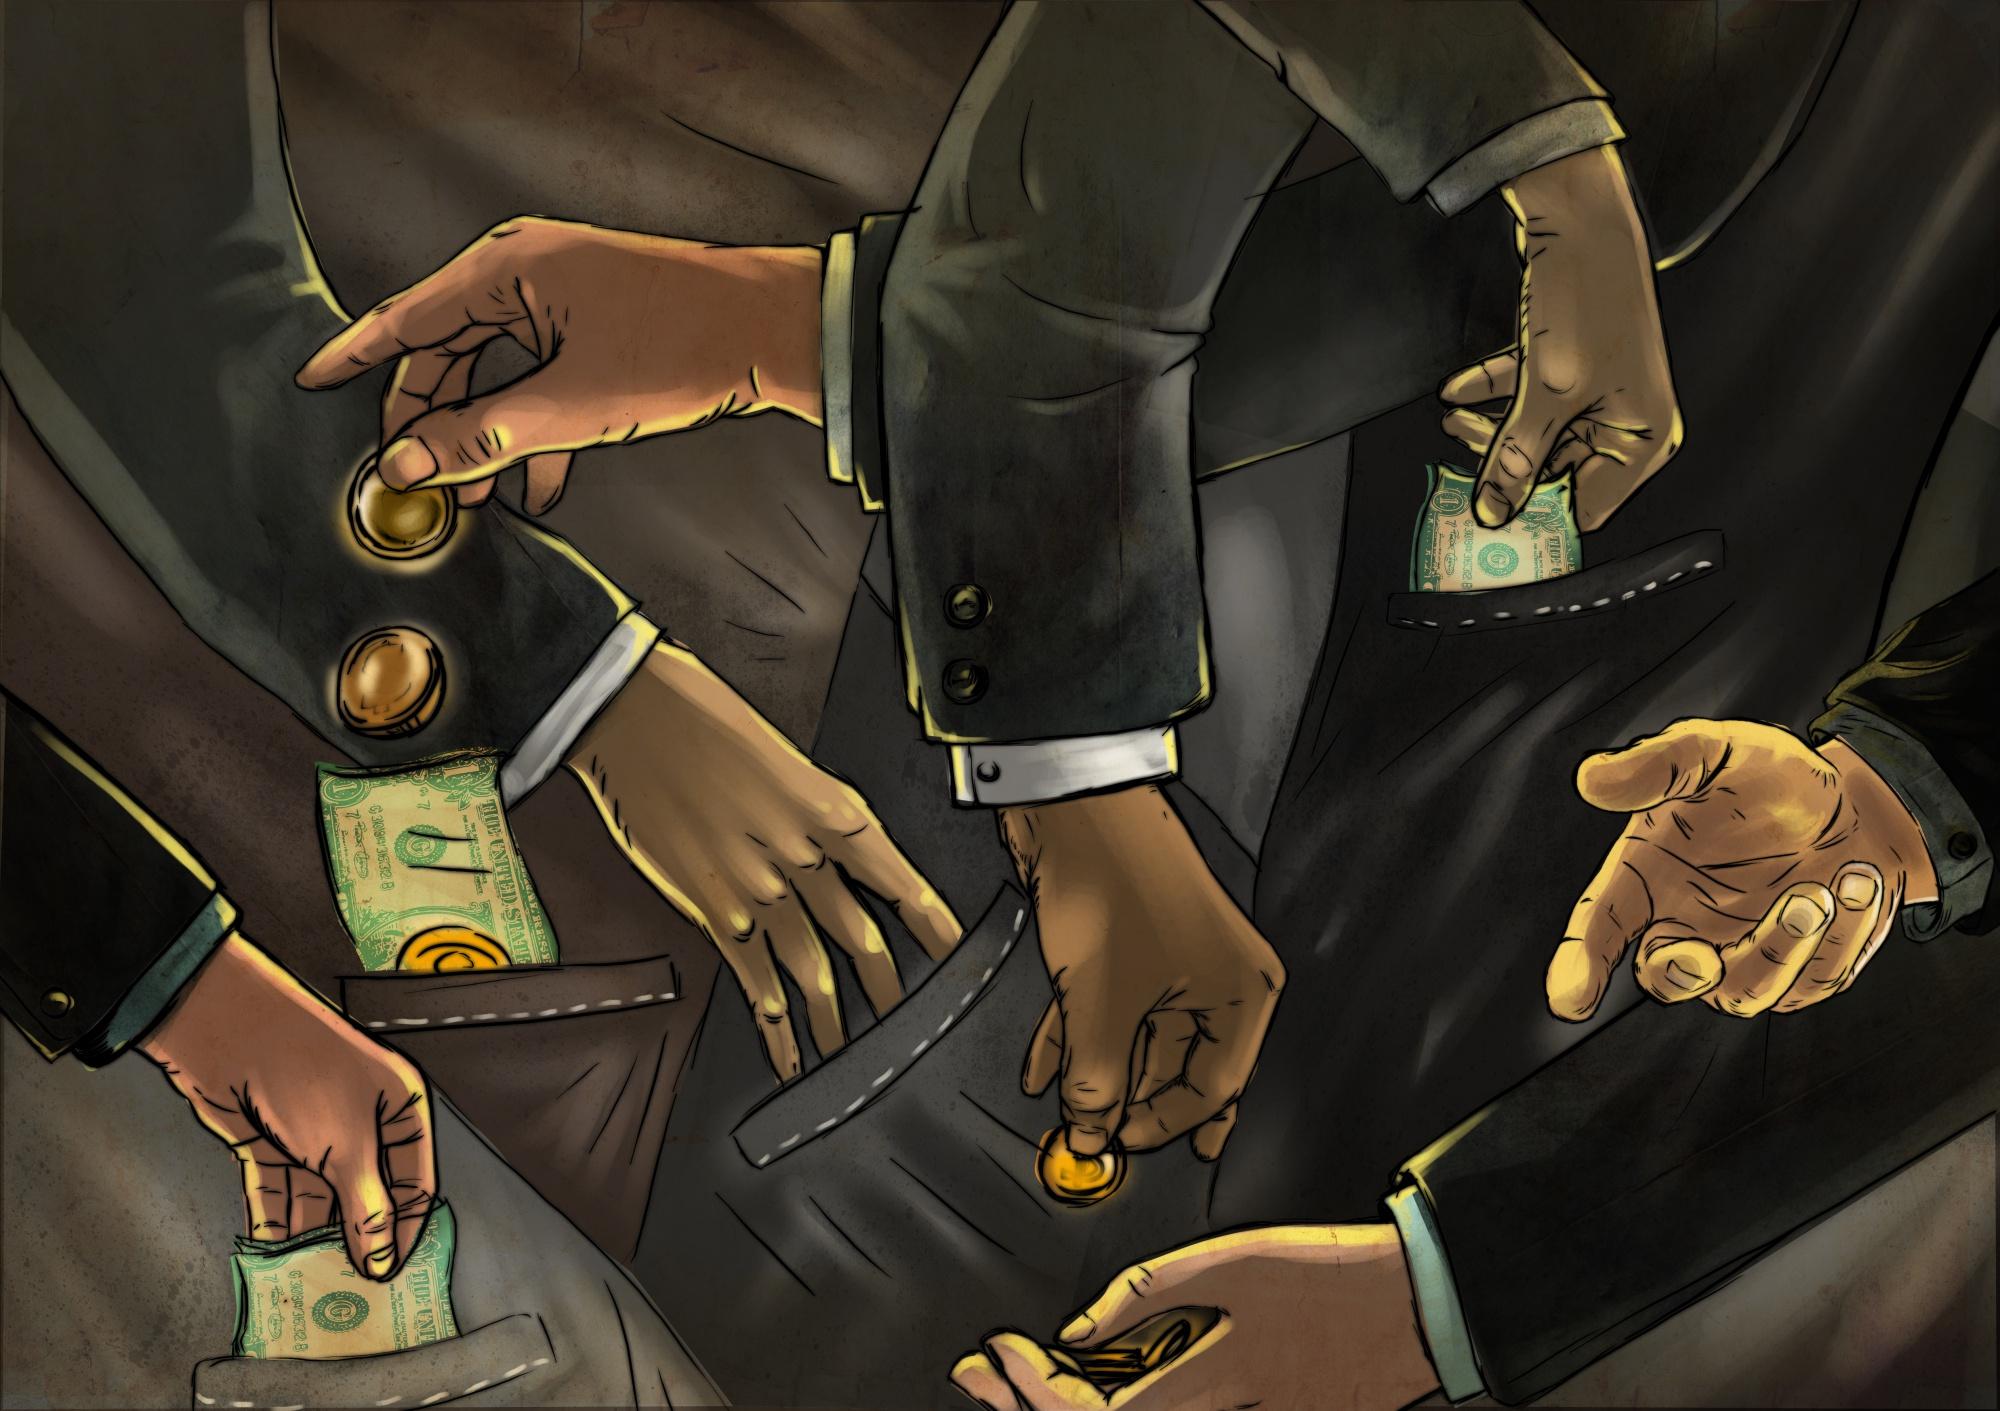 С 1 мая тверская молодёжь по-своему начнёт бороться с коррупцией